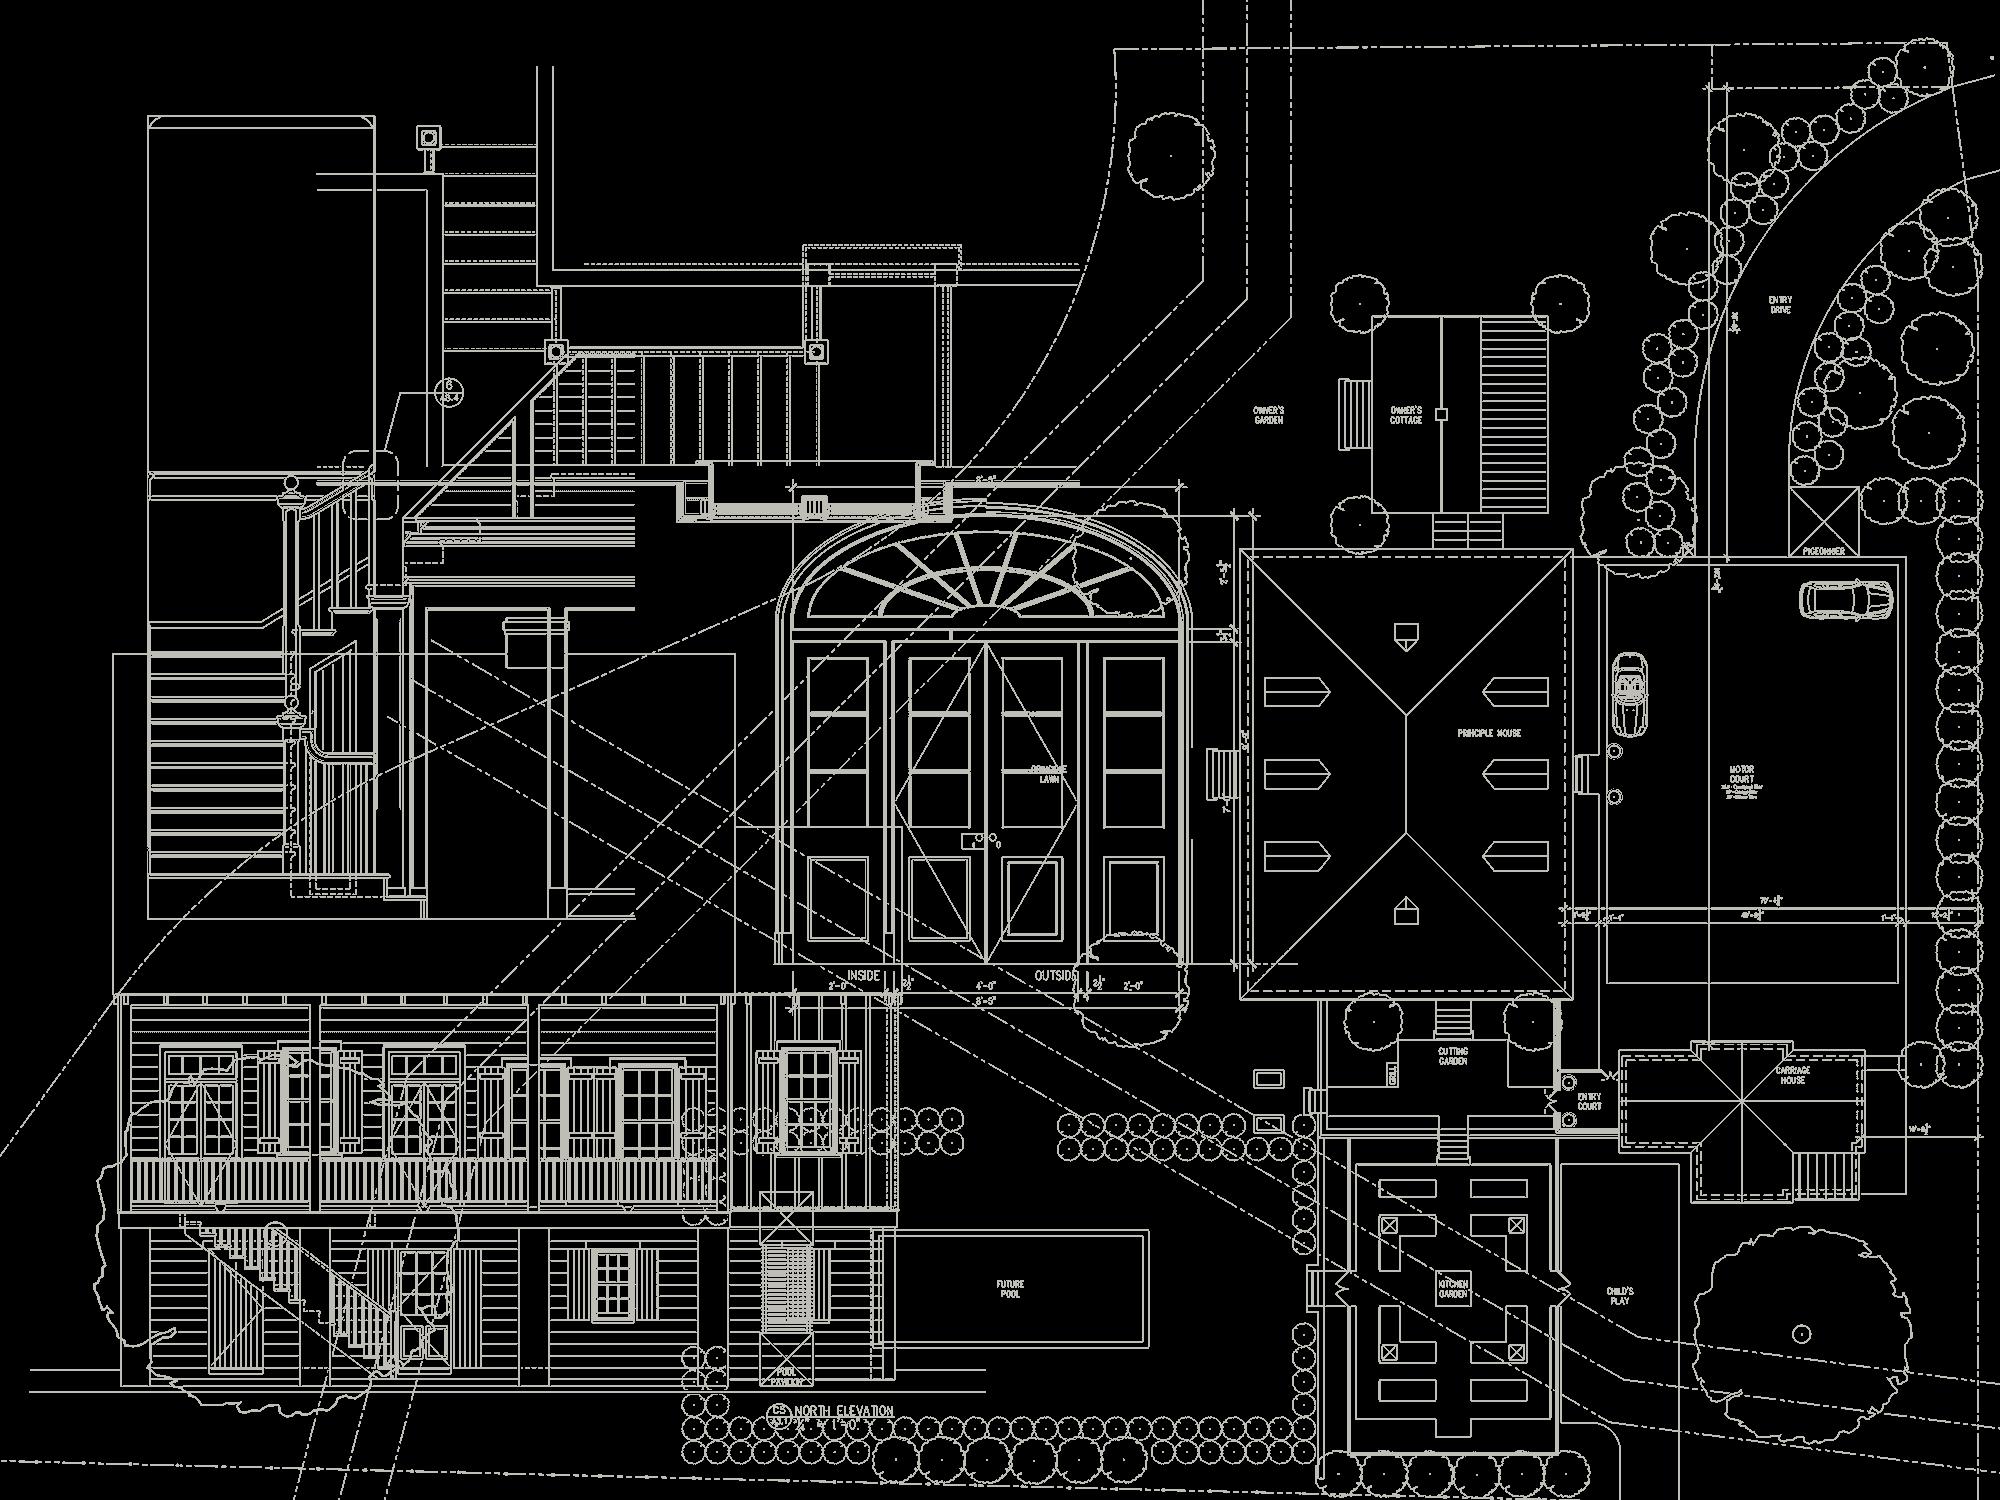 plan images